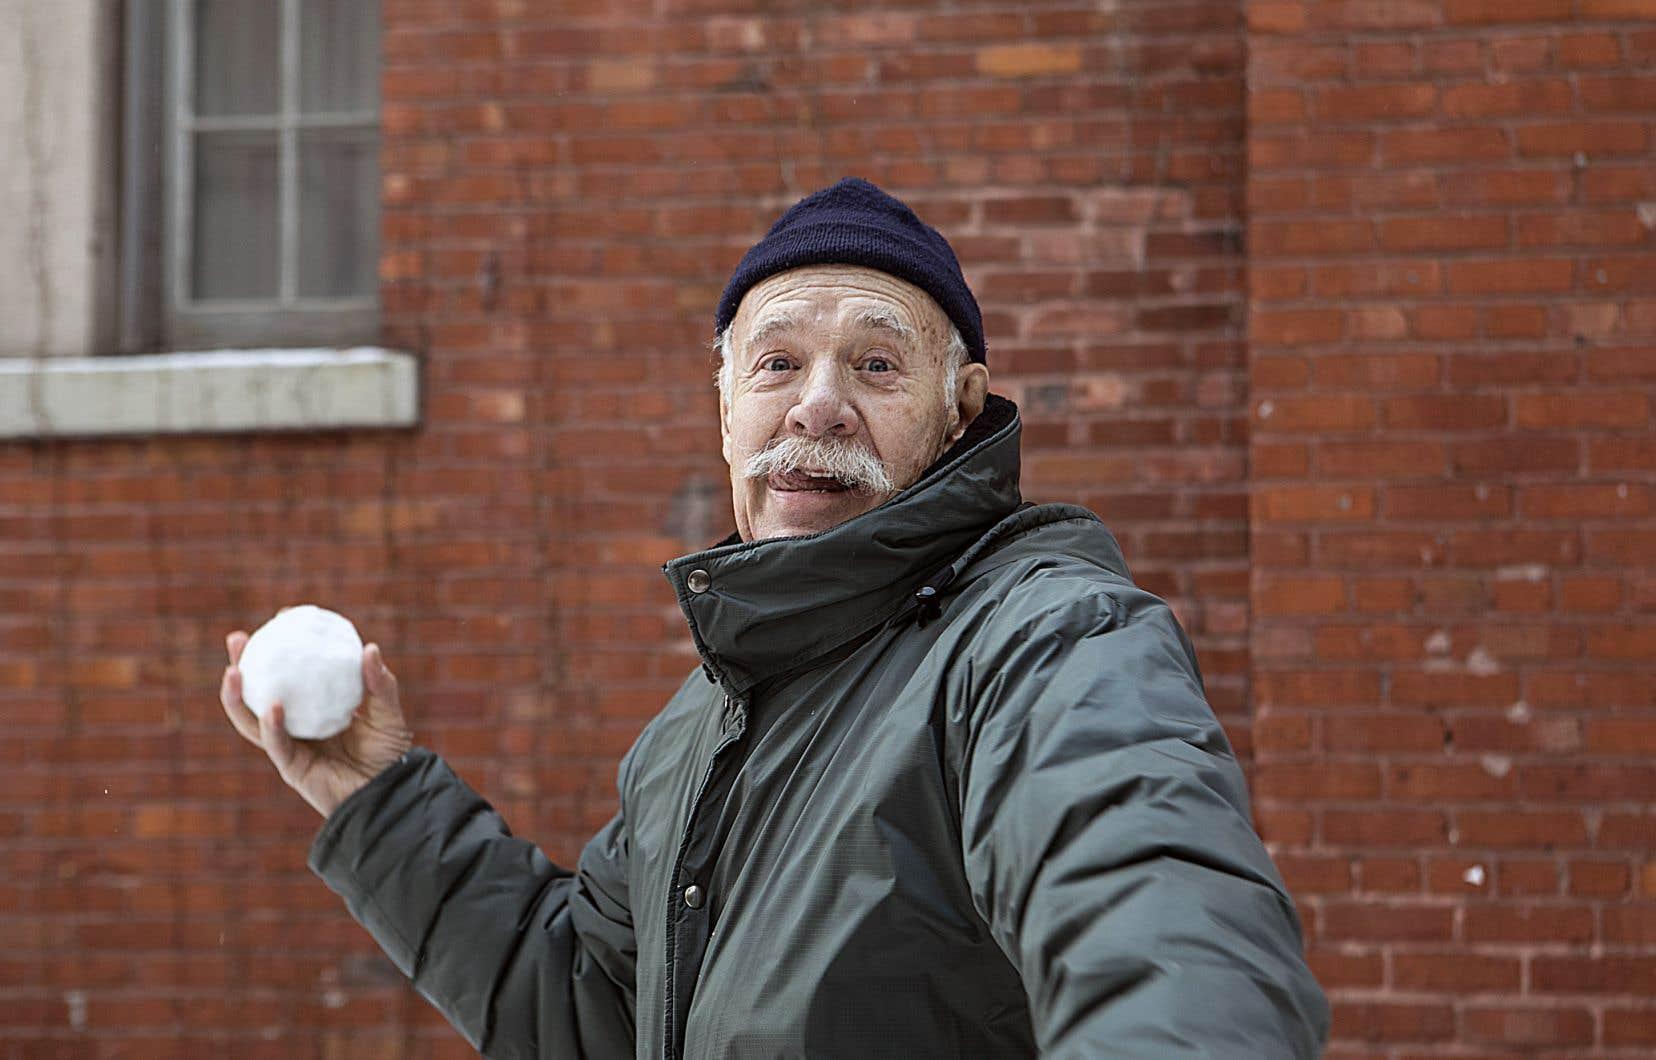 La Cinémathèque lance une rétrospective de l'œuvre du cinéaste André Gladu (notre photo), et c'est «Le reel du pendu», le tout premier film de Gladu, qui lance le bal.